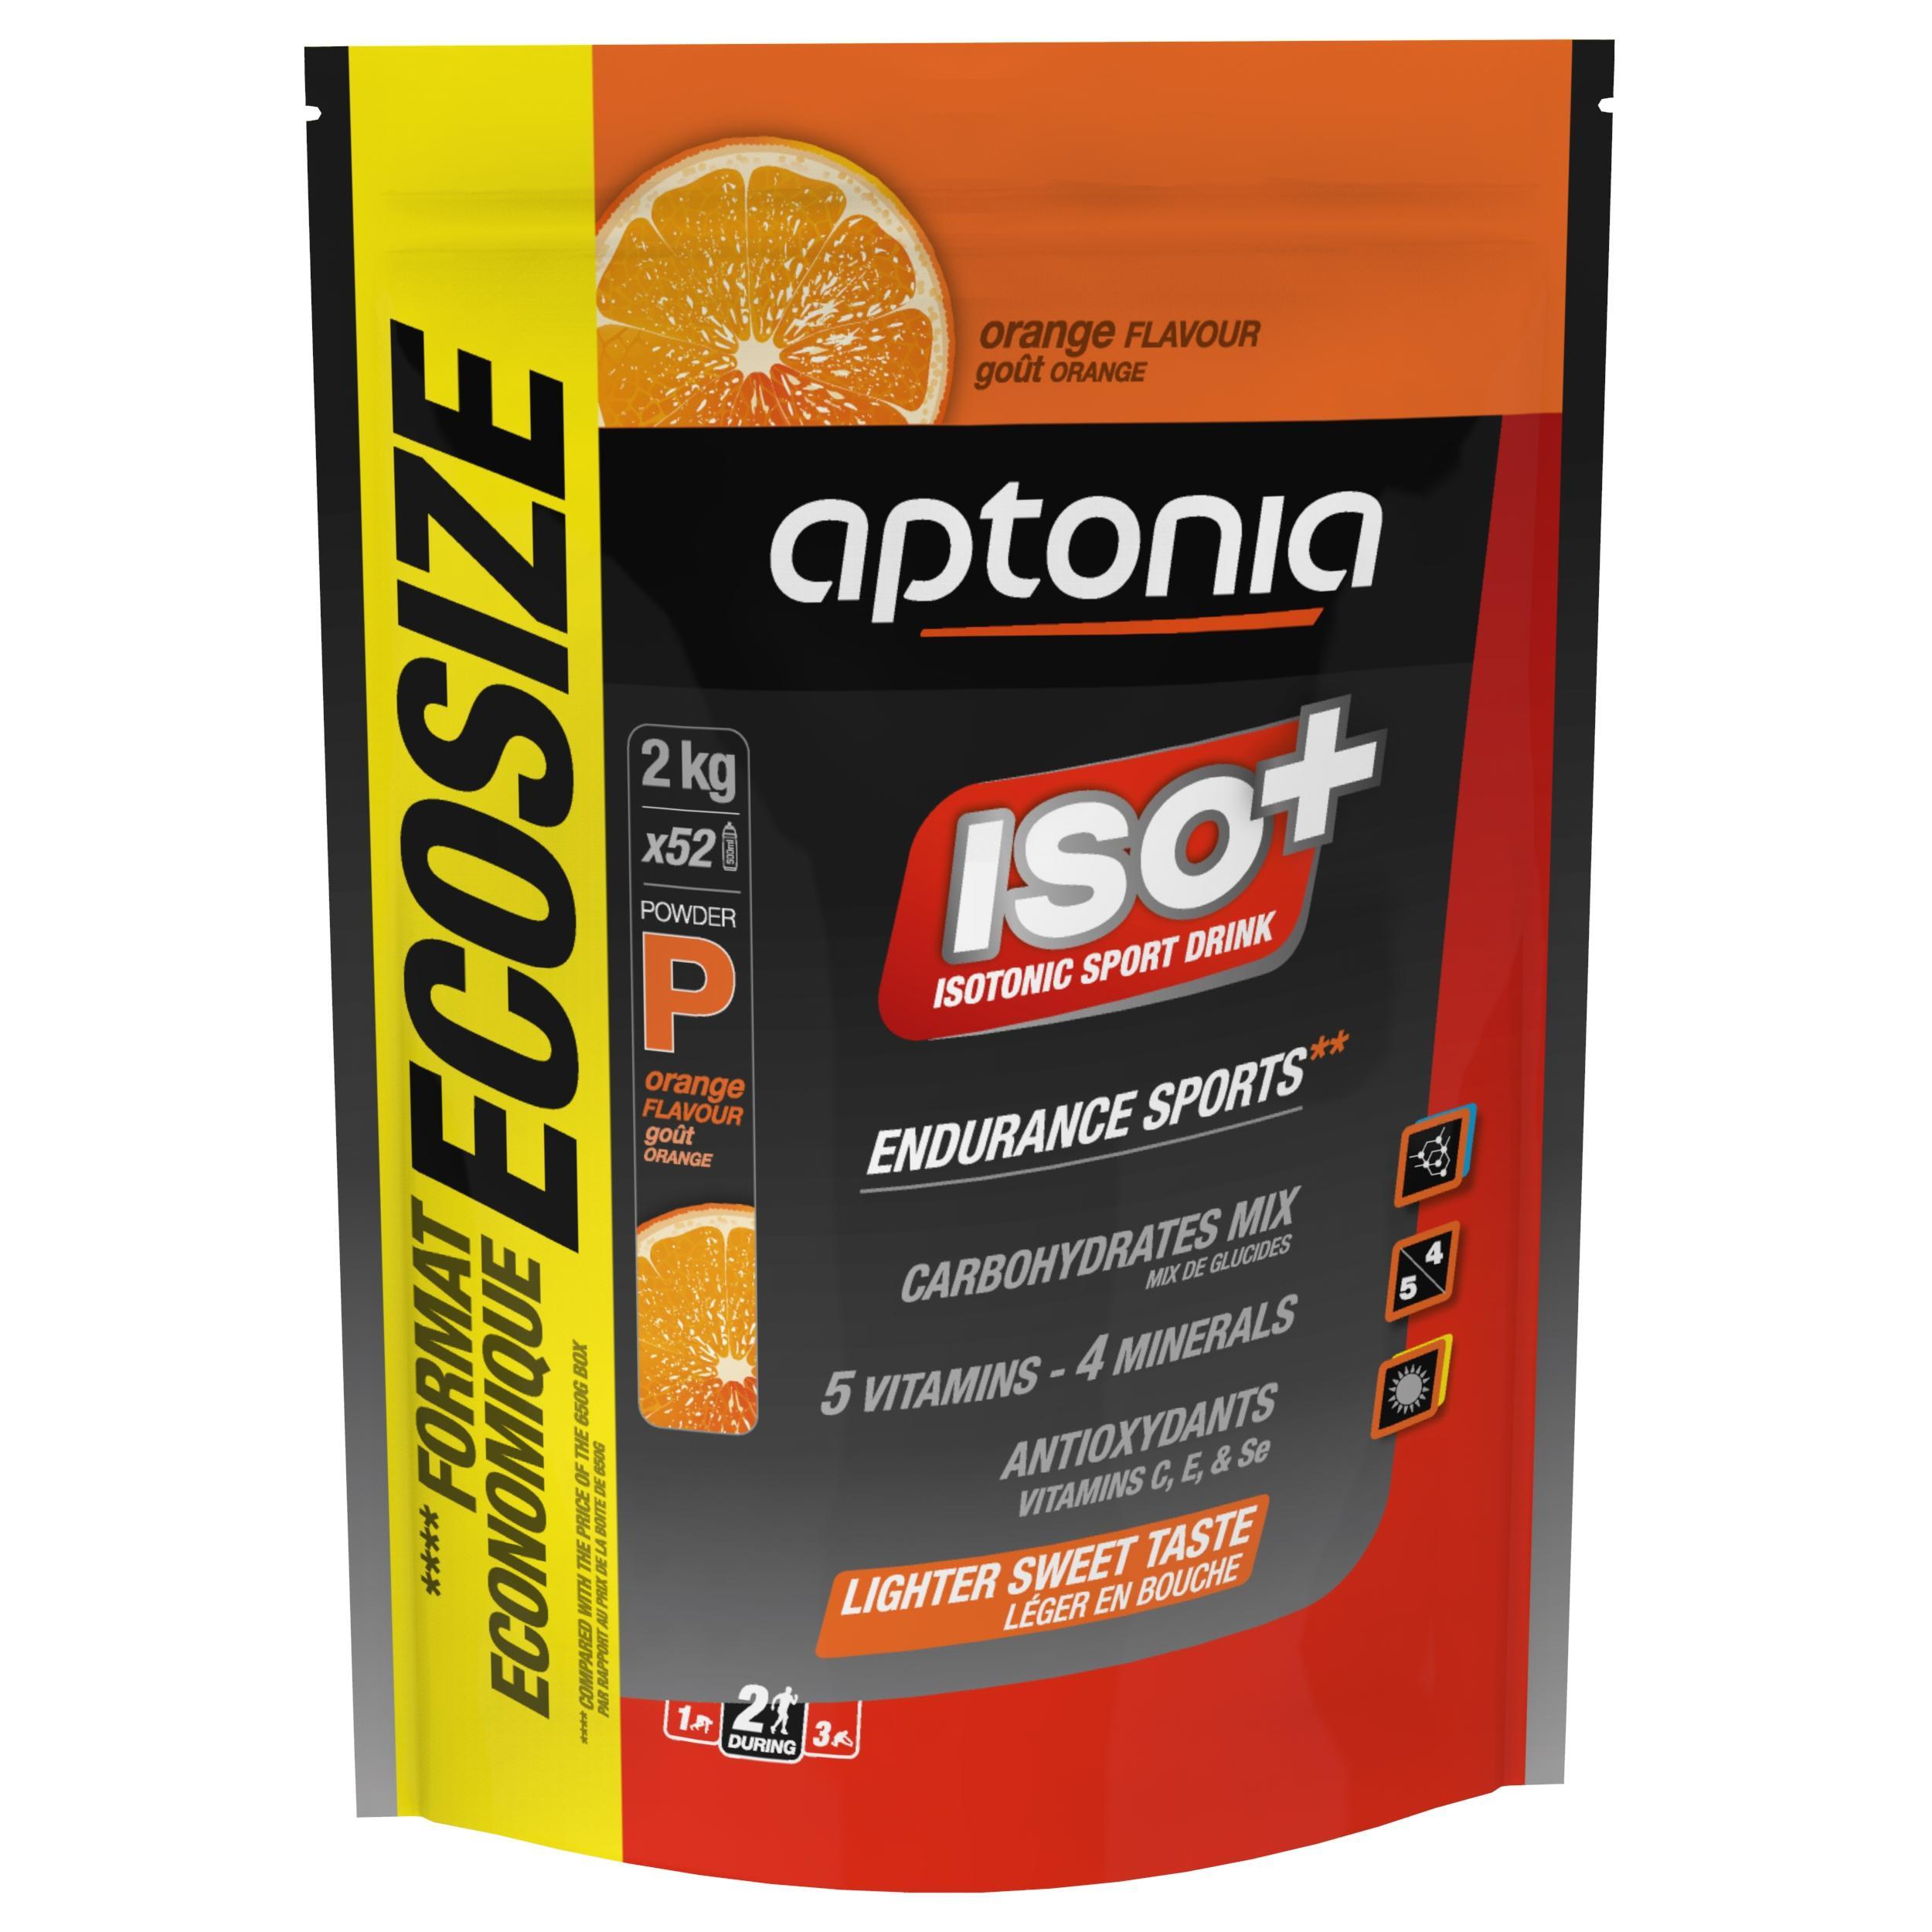 Aptonia Boisson isotonique poudre ISO+ orange 2kg - Aptonia